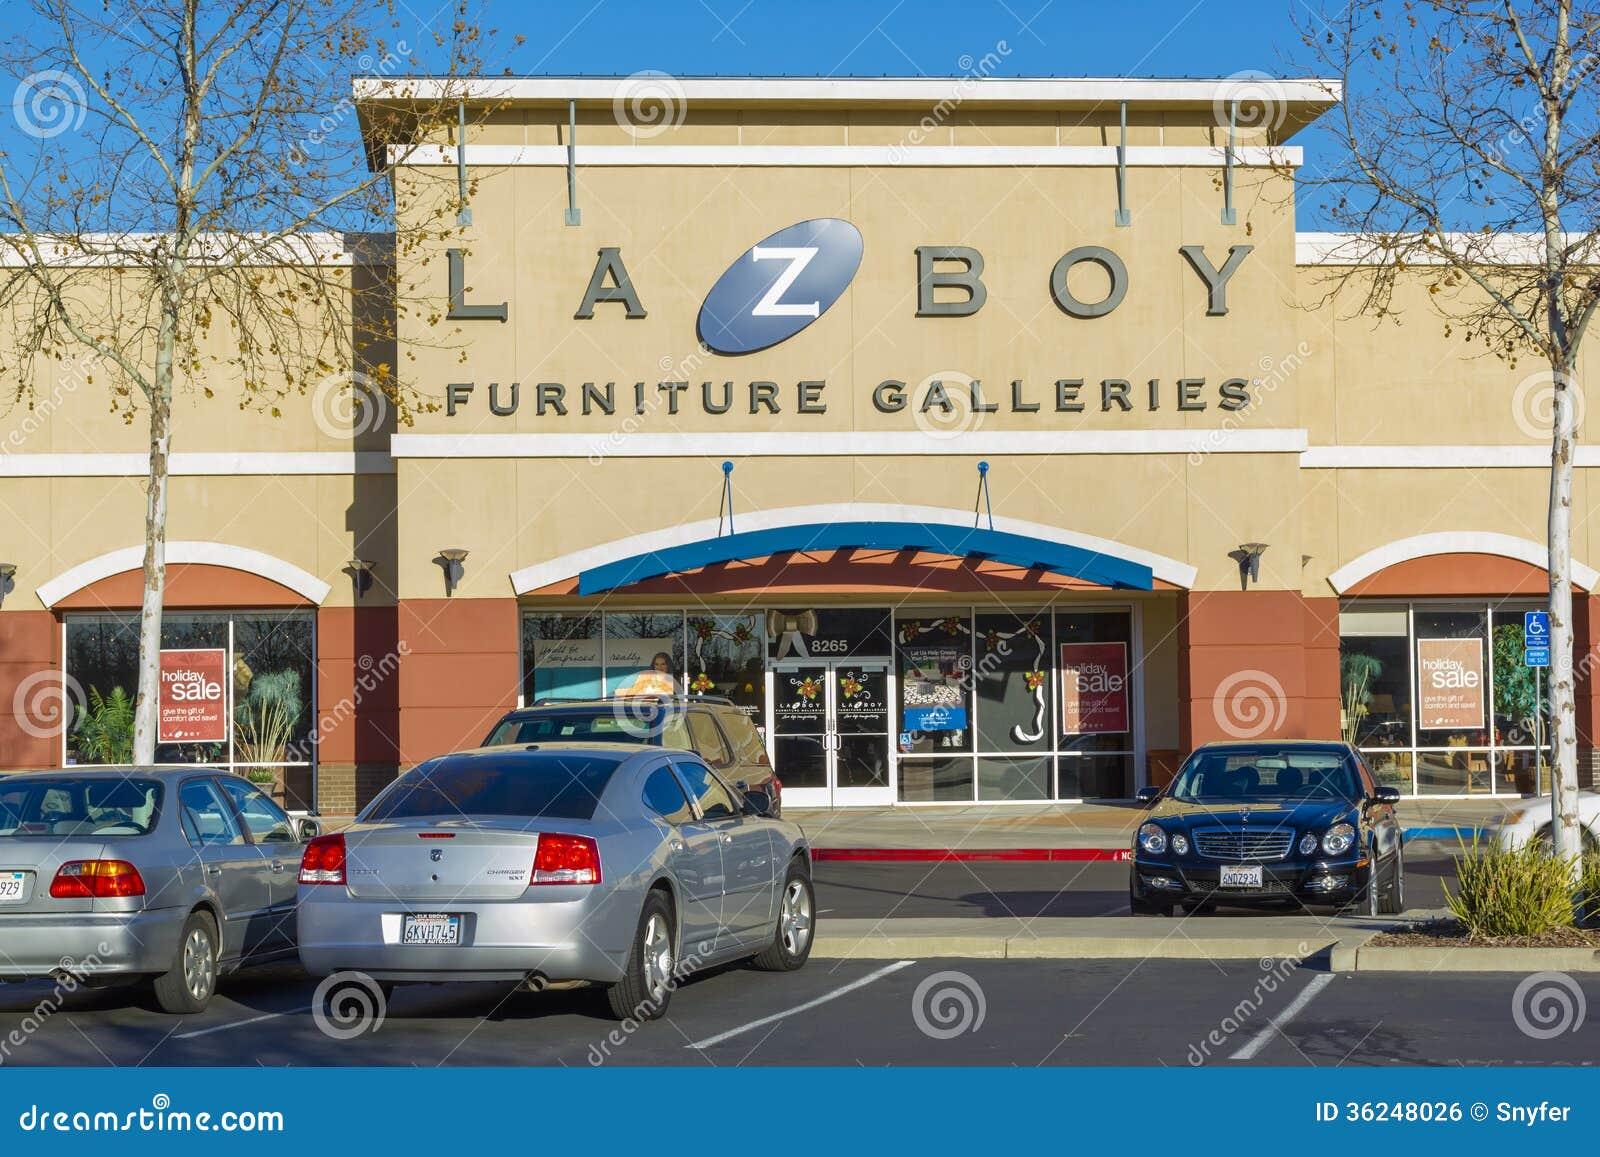 Sacramento usa december 21 la z boy store entrance on for Furniture stores sacramento